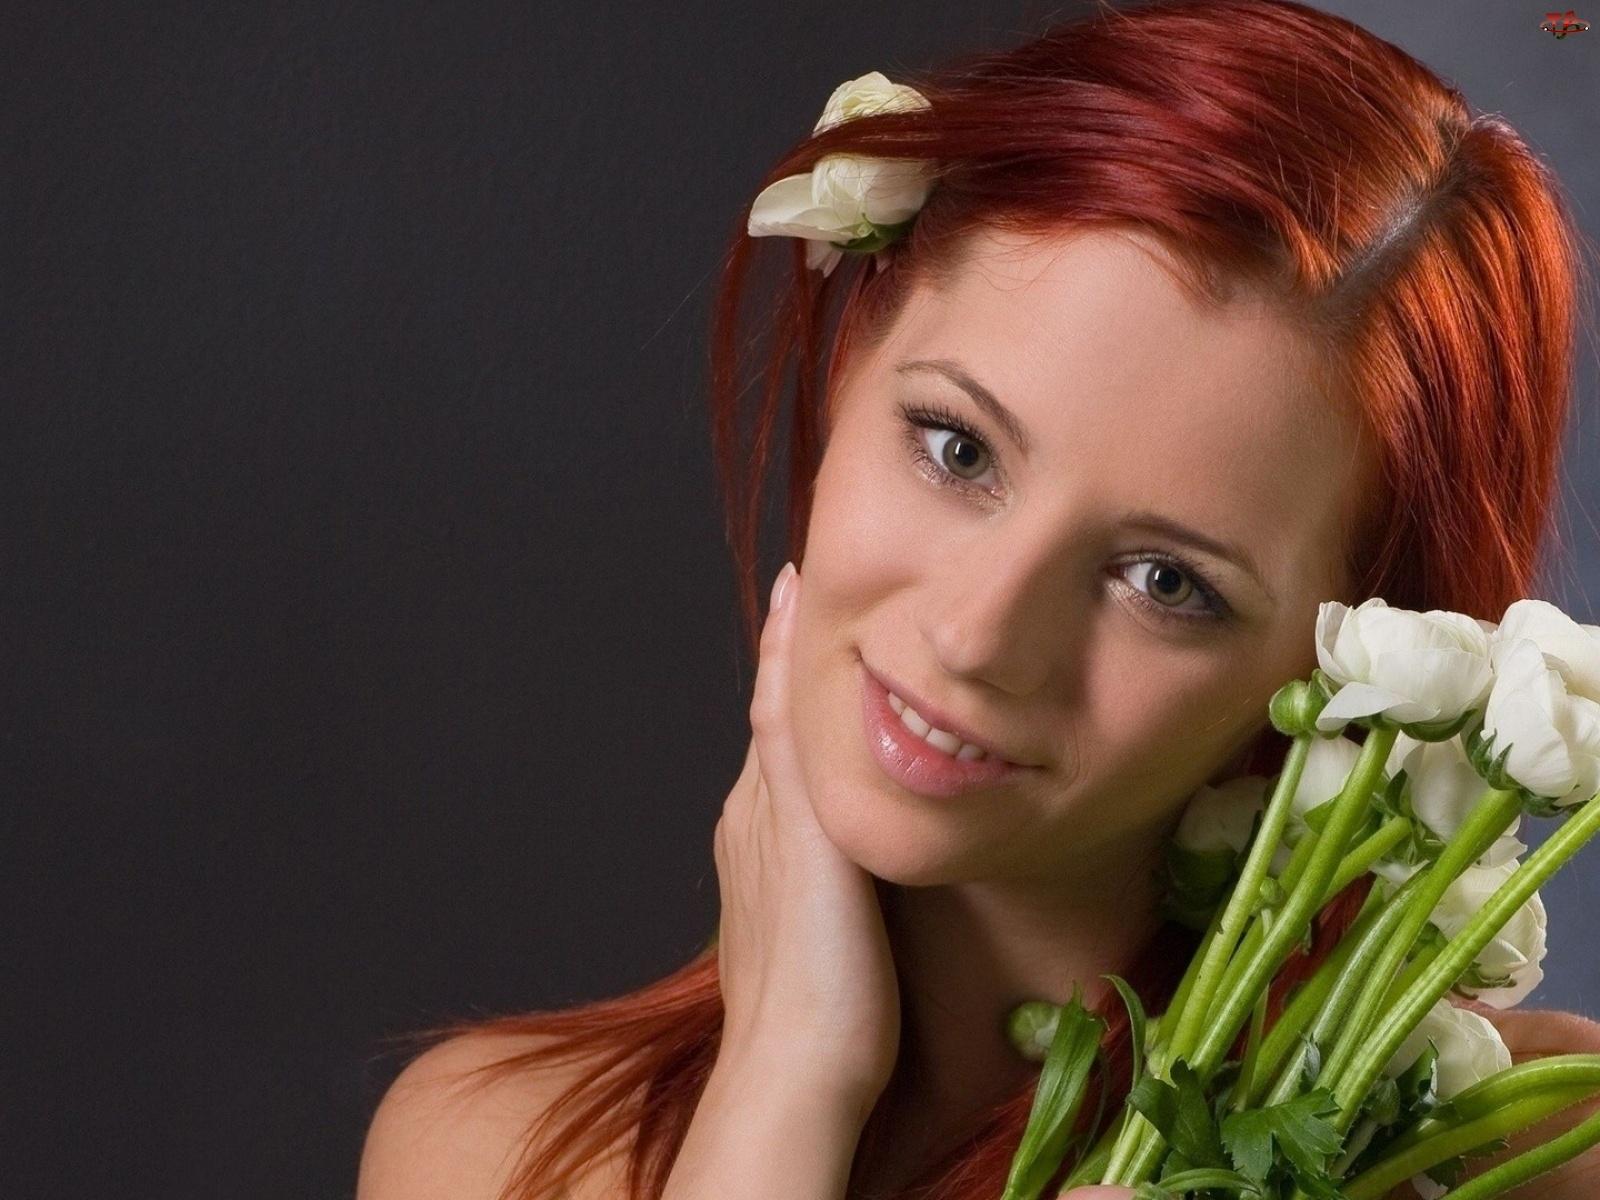 Rudowłosa, Kwiaty, Dziewczyna, Uśmiech